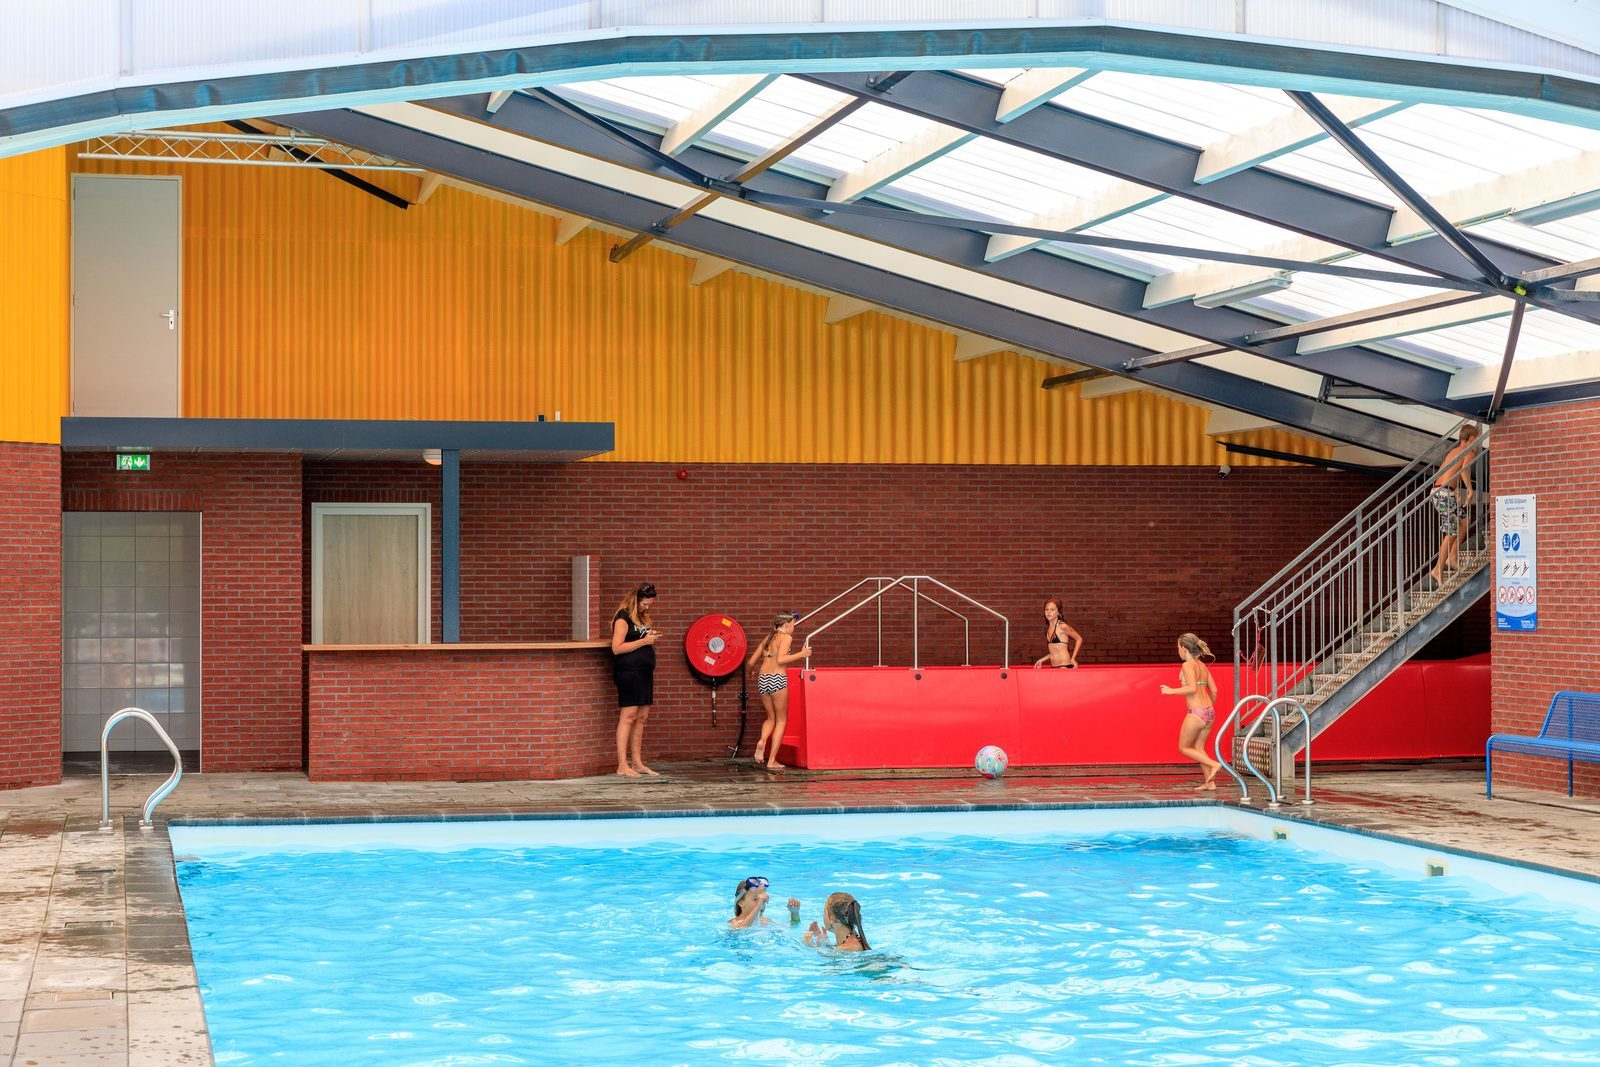 Overdekt zwembad met glijbaan